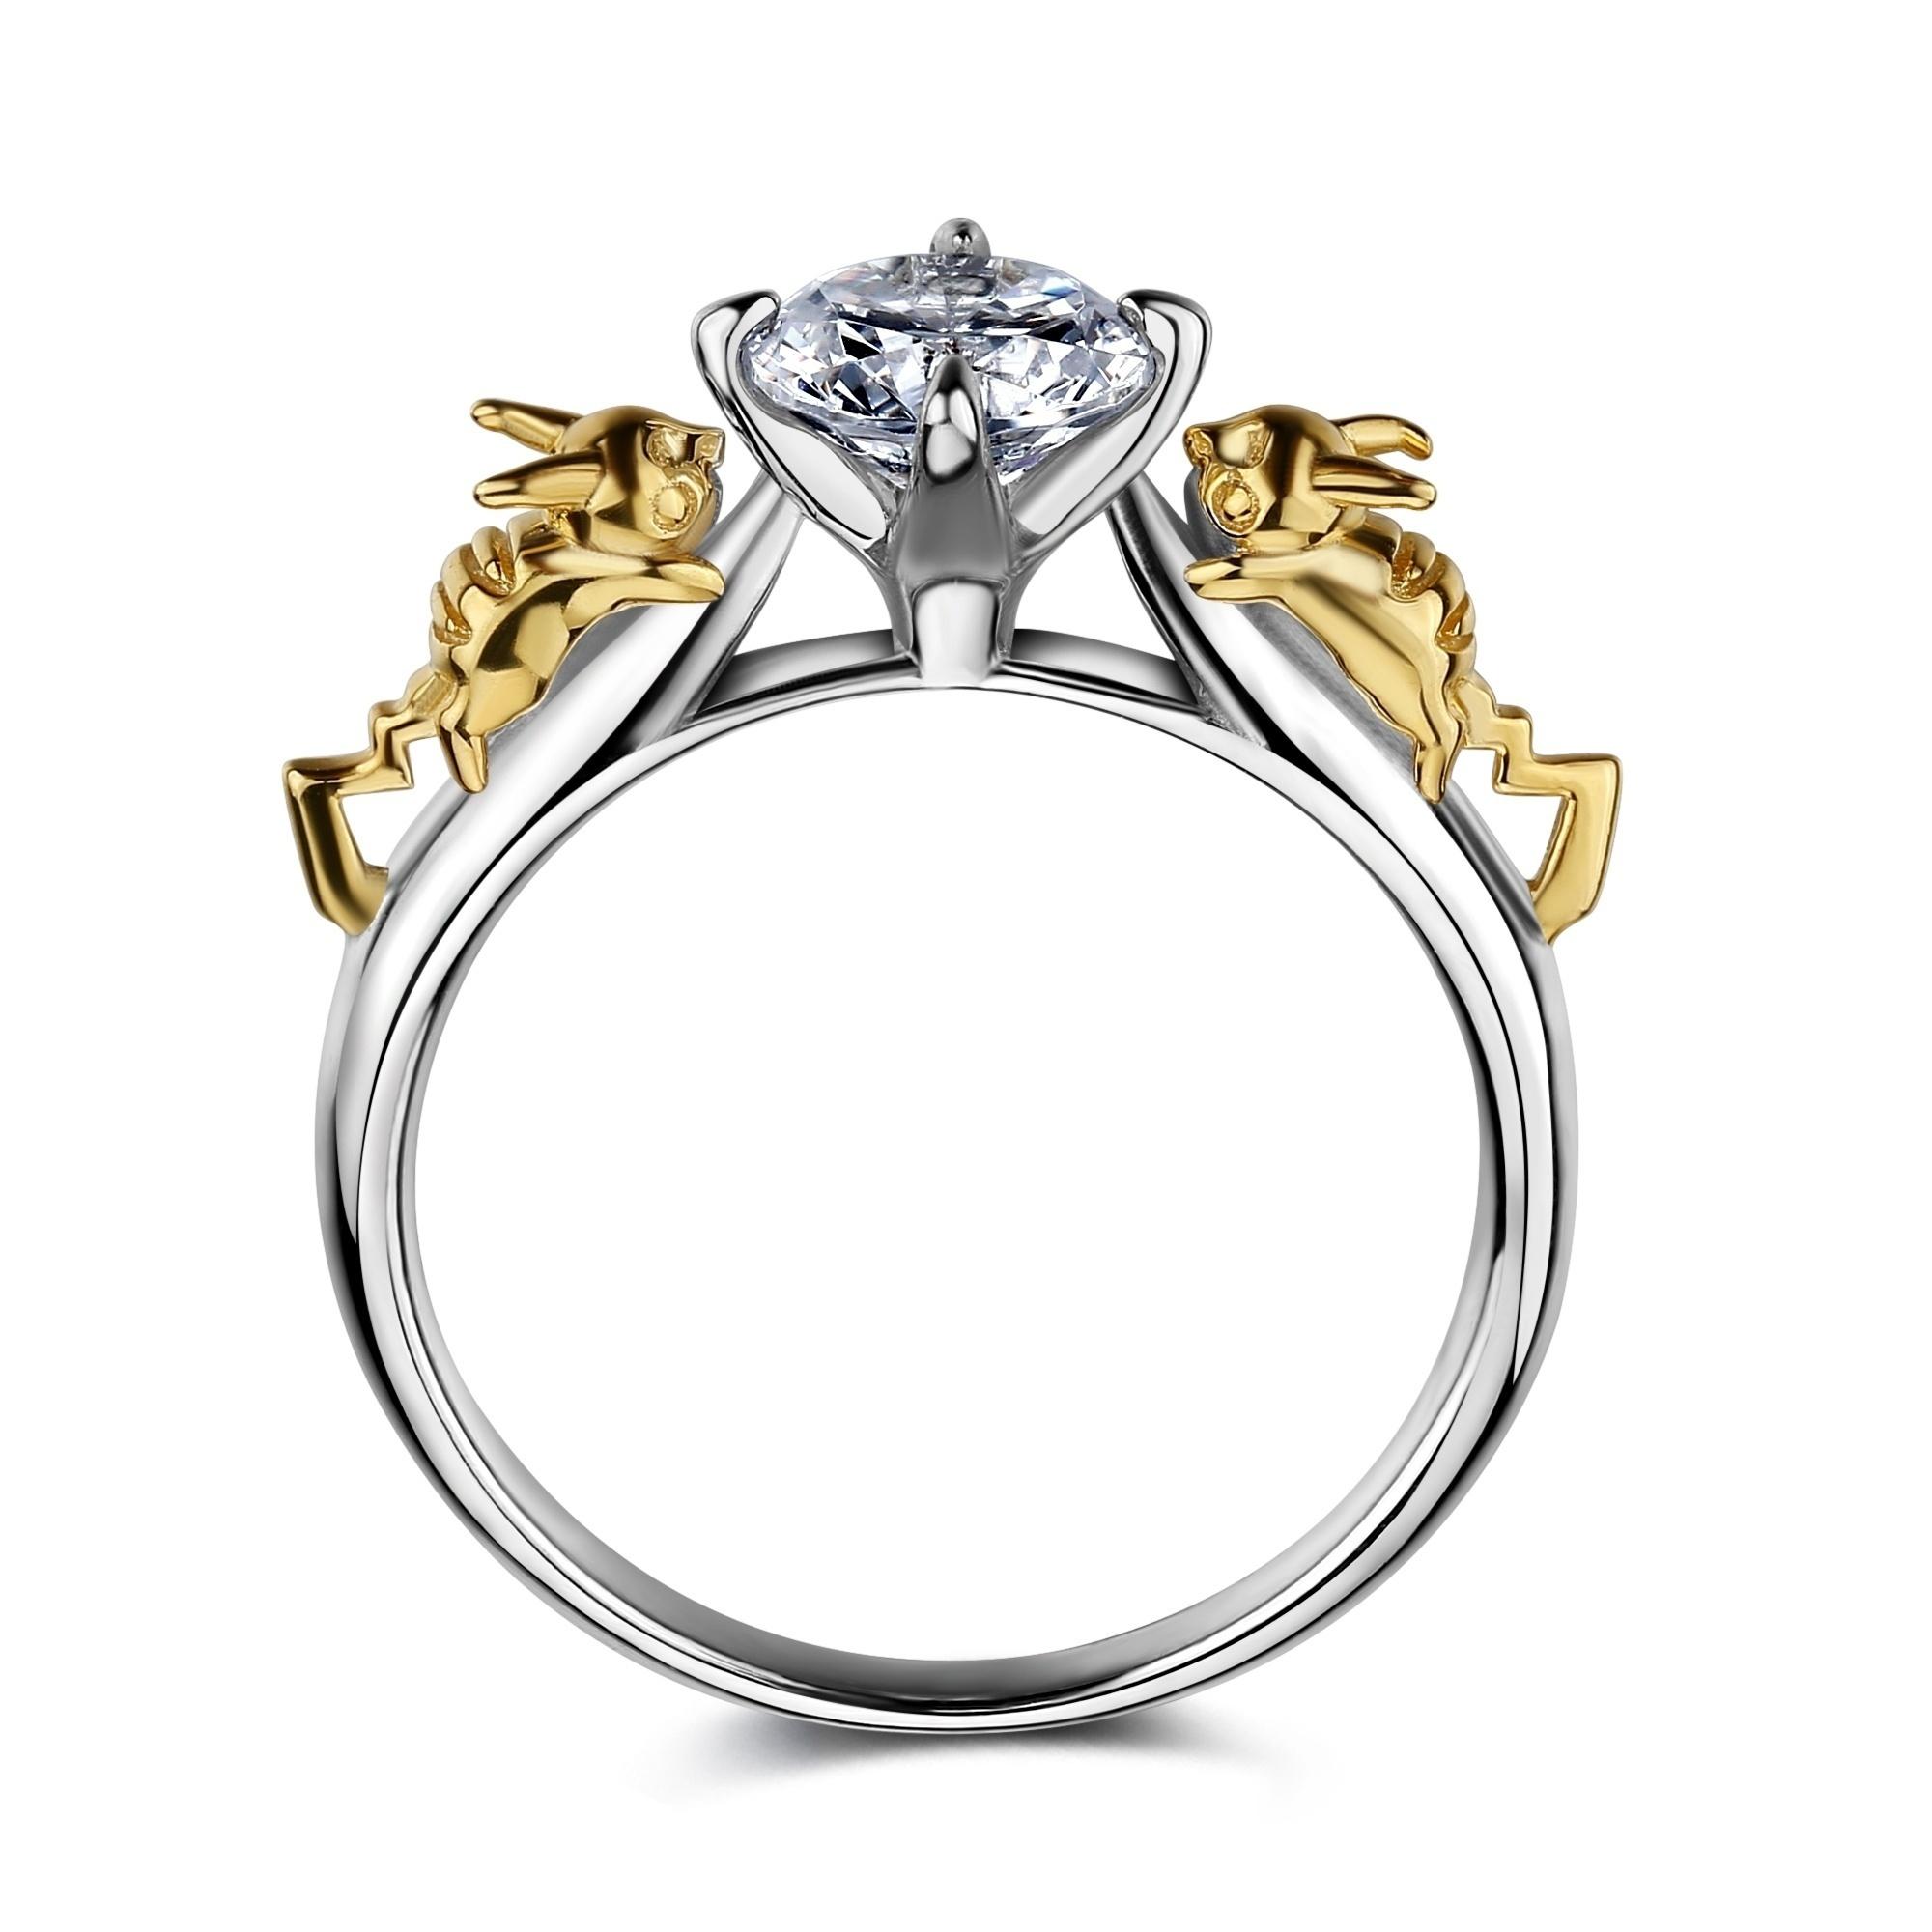 Anime Rings, wedding rings